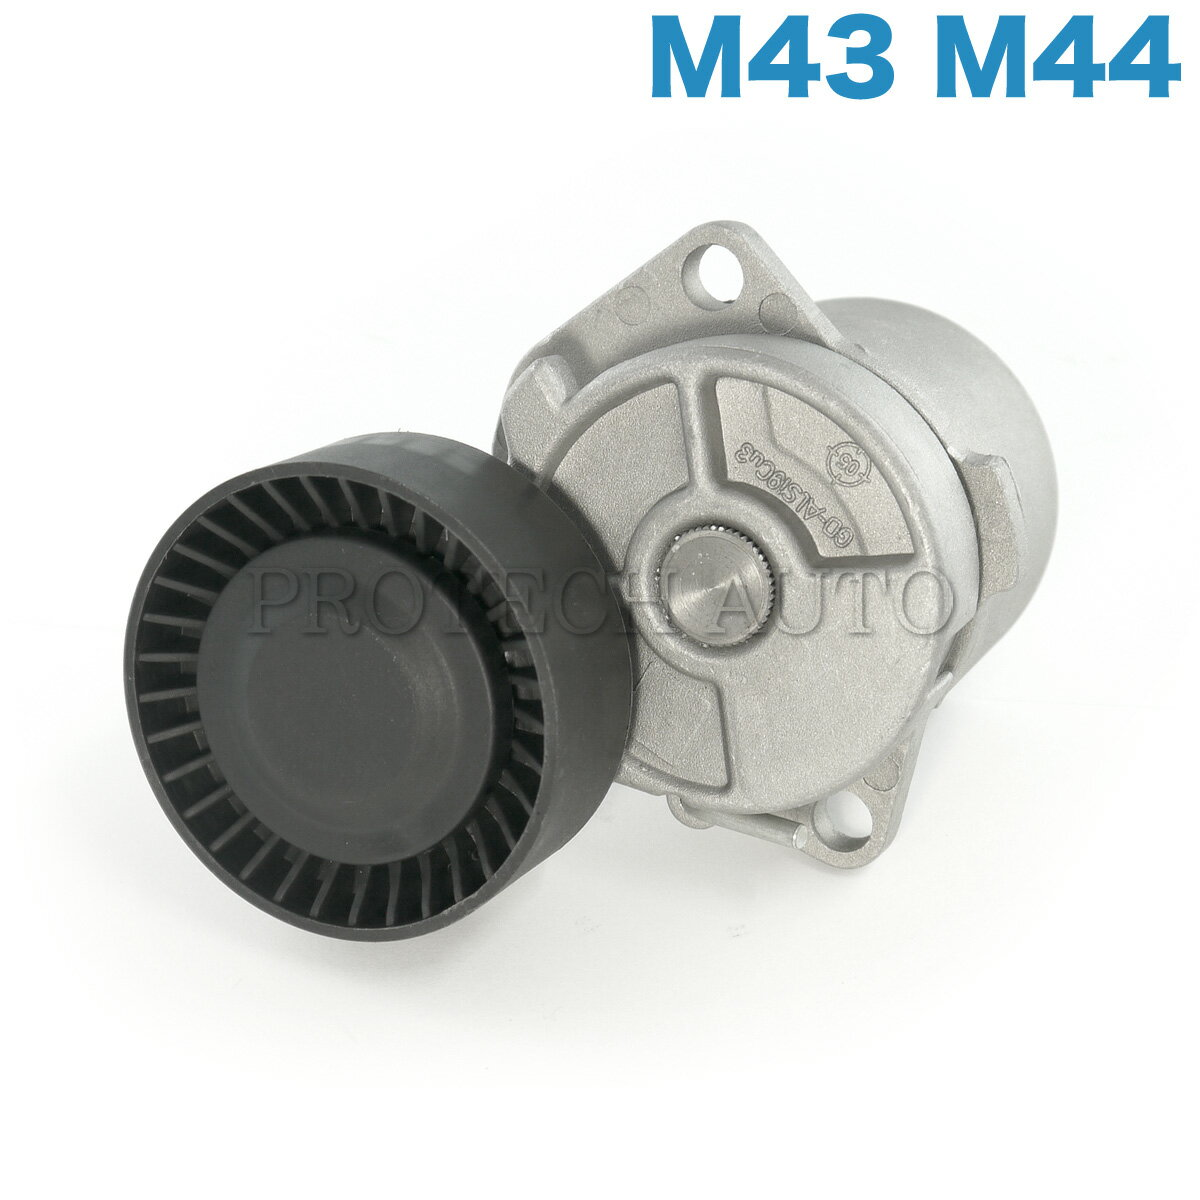 BMW E46 E36 Z3 3シリーズ Xモデル ファンベルト オルタネーター/ウォーターポンプ用ベルト ベルトテンショナー機械式 M43 M44 11281247647 11281432104【あす楽対応】